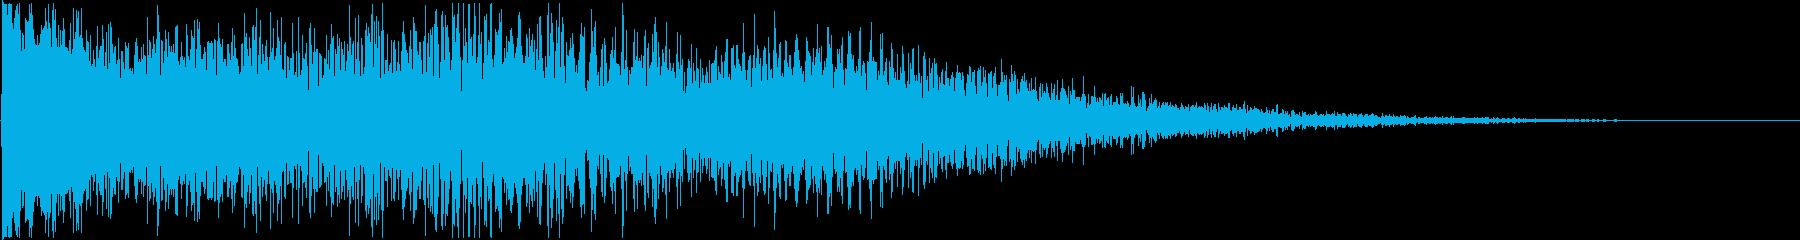 【映画】 衝撃音 ガンッ!! シュシュッの再生済みの波形